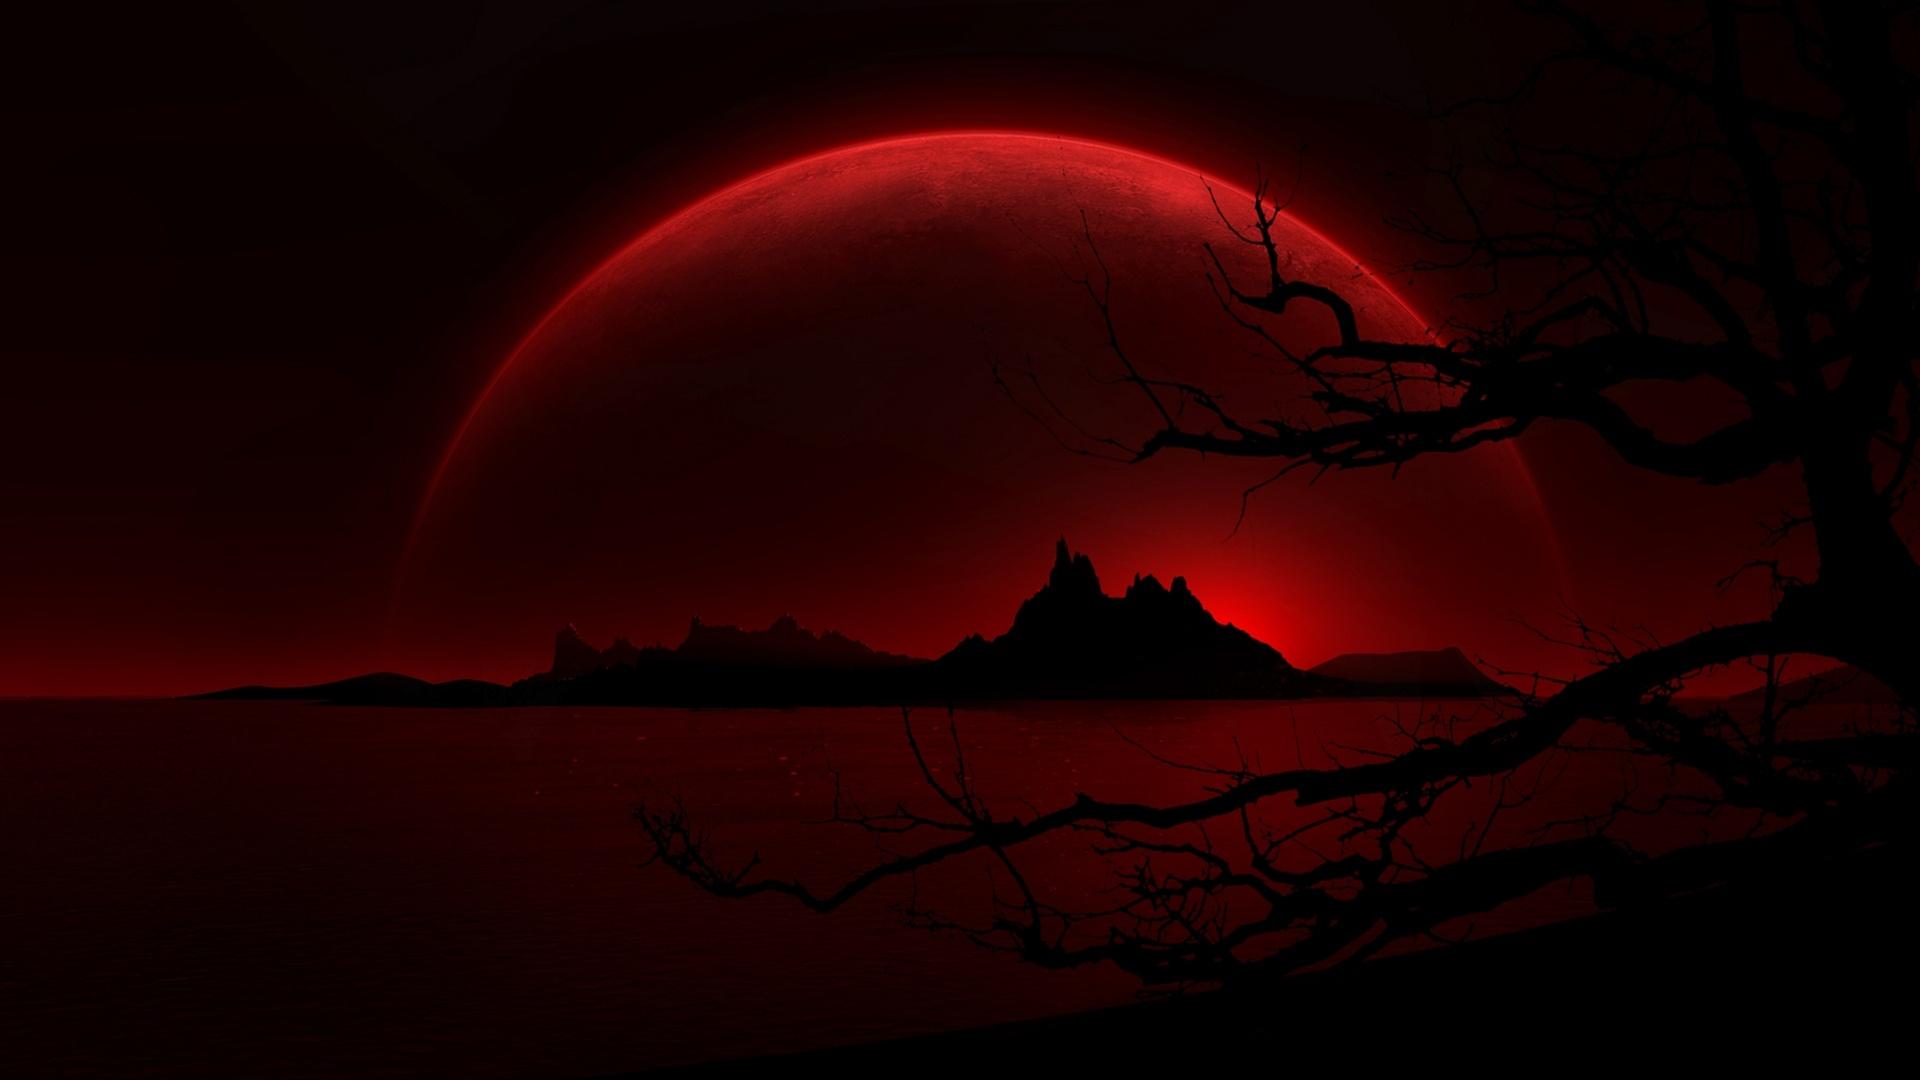 Dark Red Wallpaper HD - WallpaperSafari